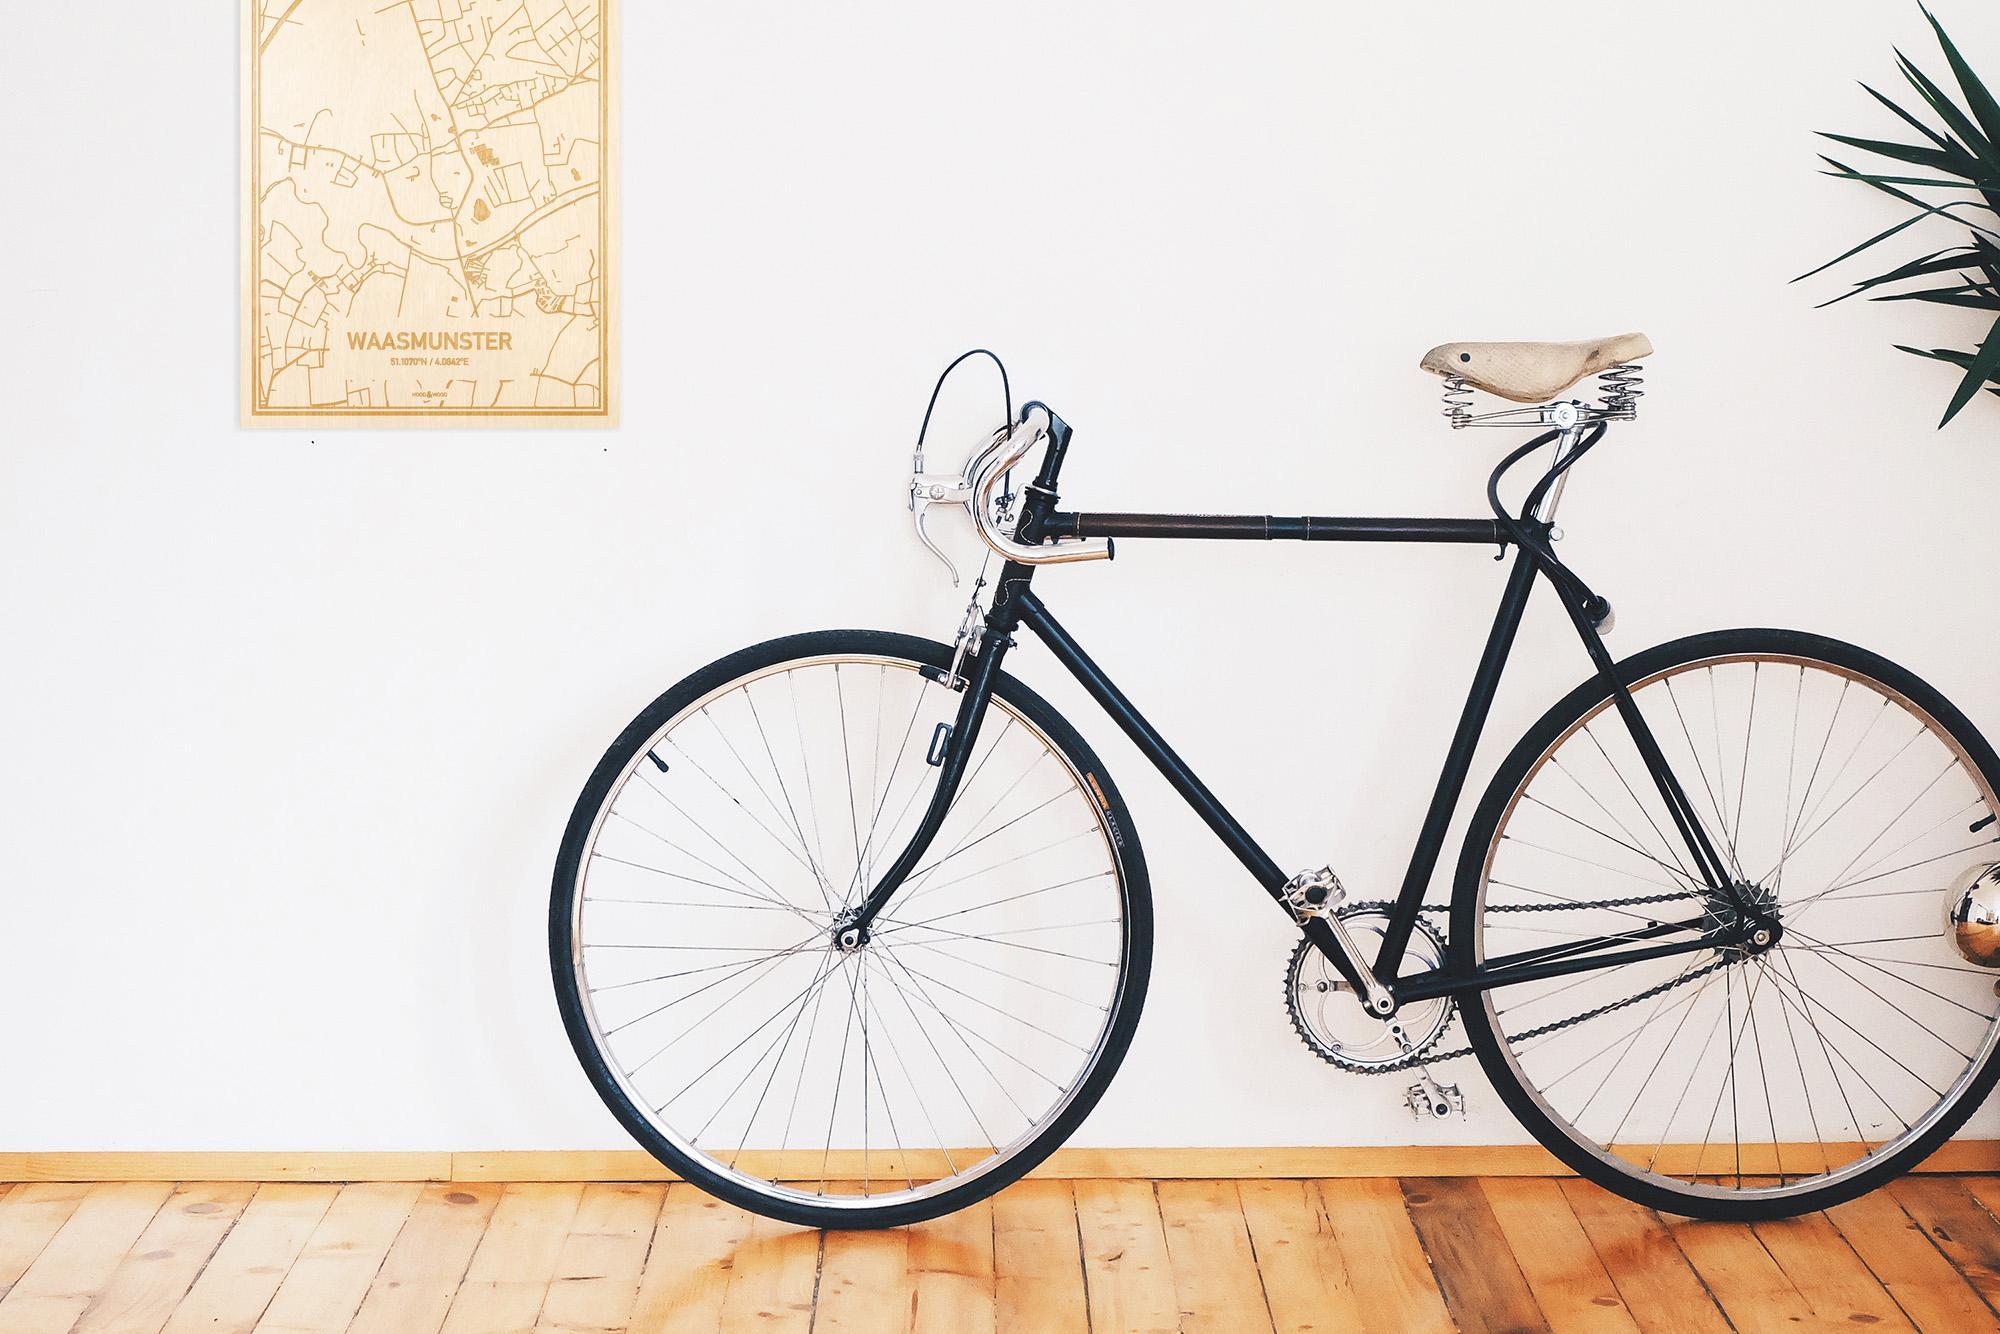 Een snelle fiets in een uniek interieur in Oost-Vlaanderen  met mooie decoratie zoals de plattegrond Waasmunster.